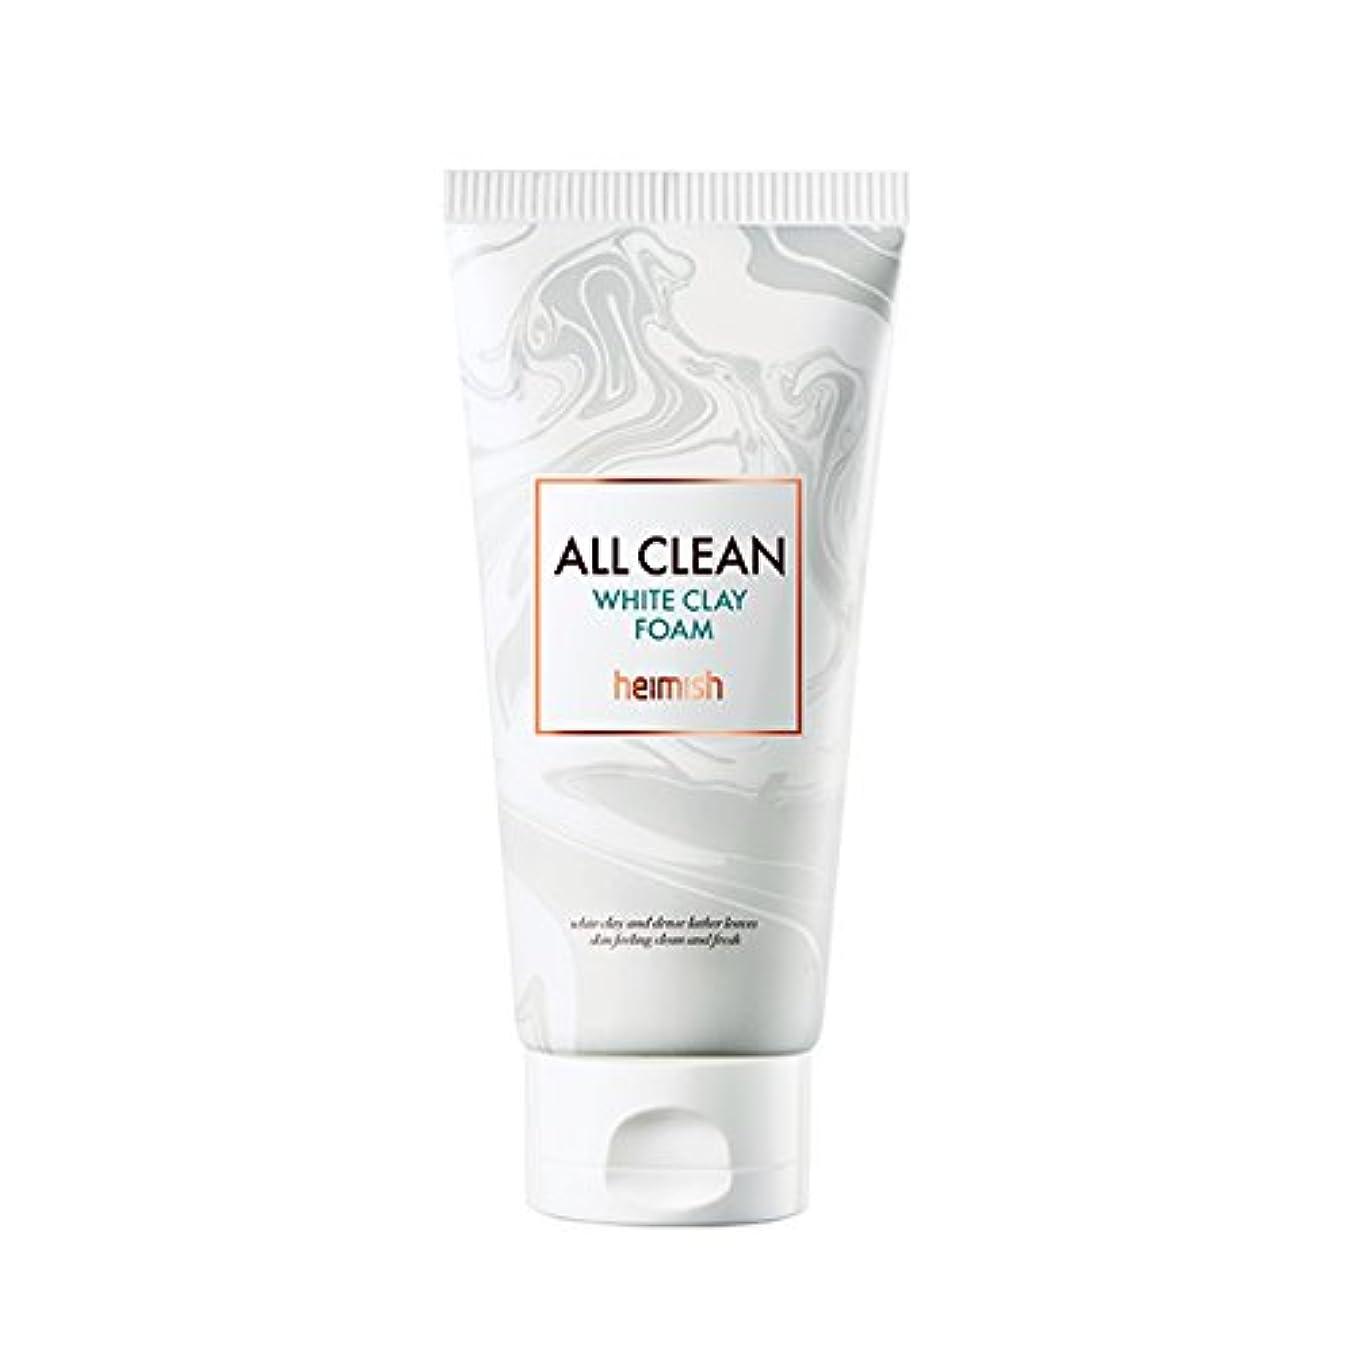 宇宙船ベリー深さheimish All Clean White Clay Foam 150g/ヘイミッシュ オールクリーン ホワイト クレイ フォーム 150g